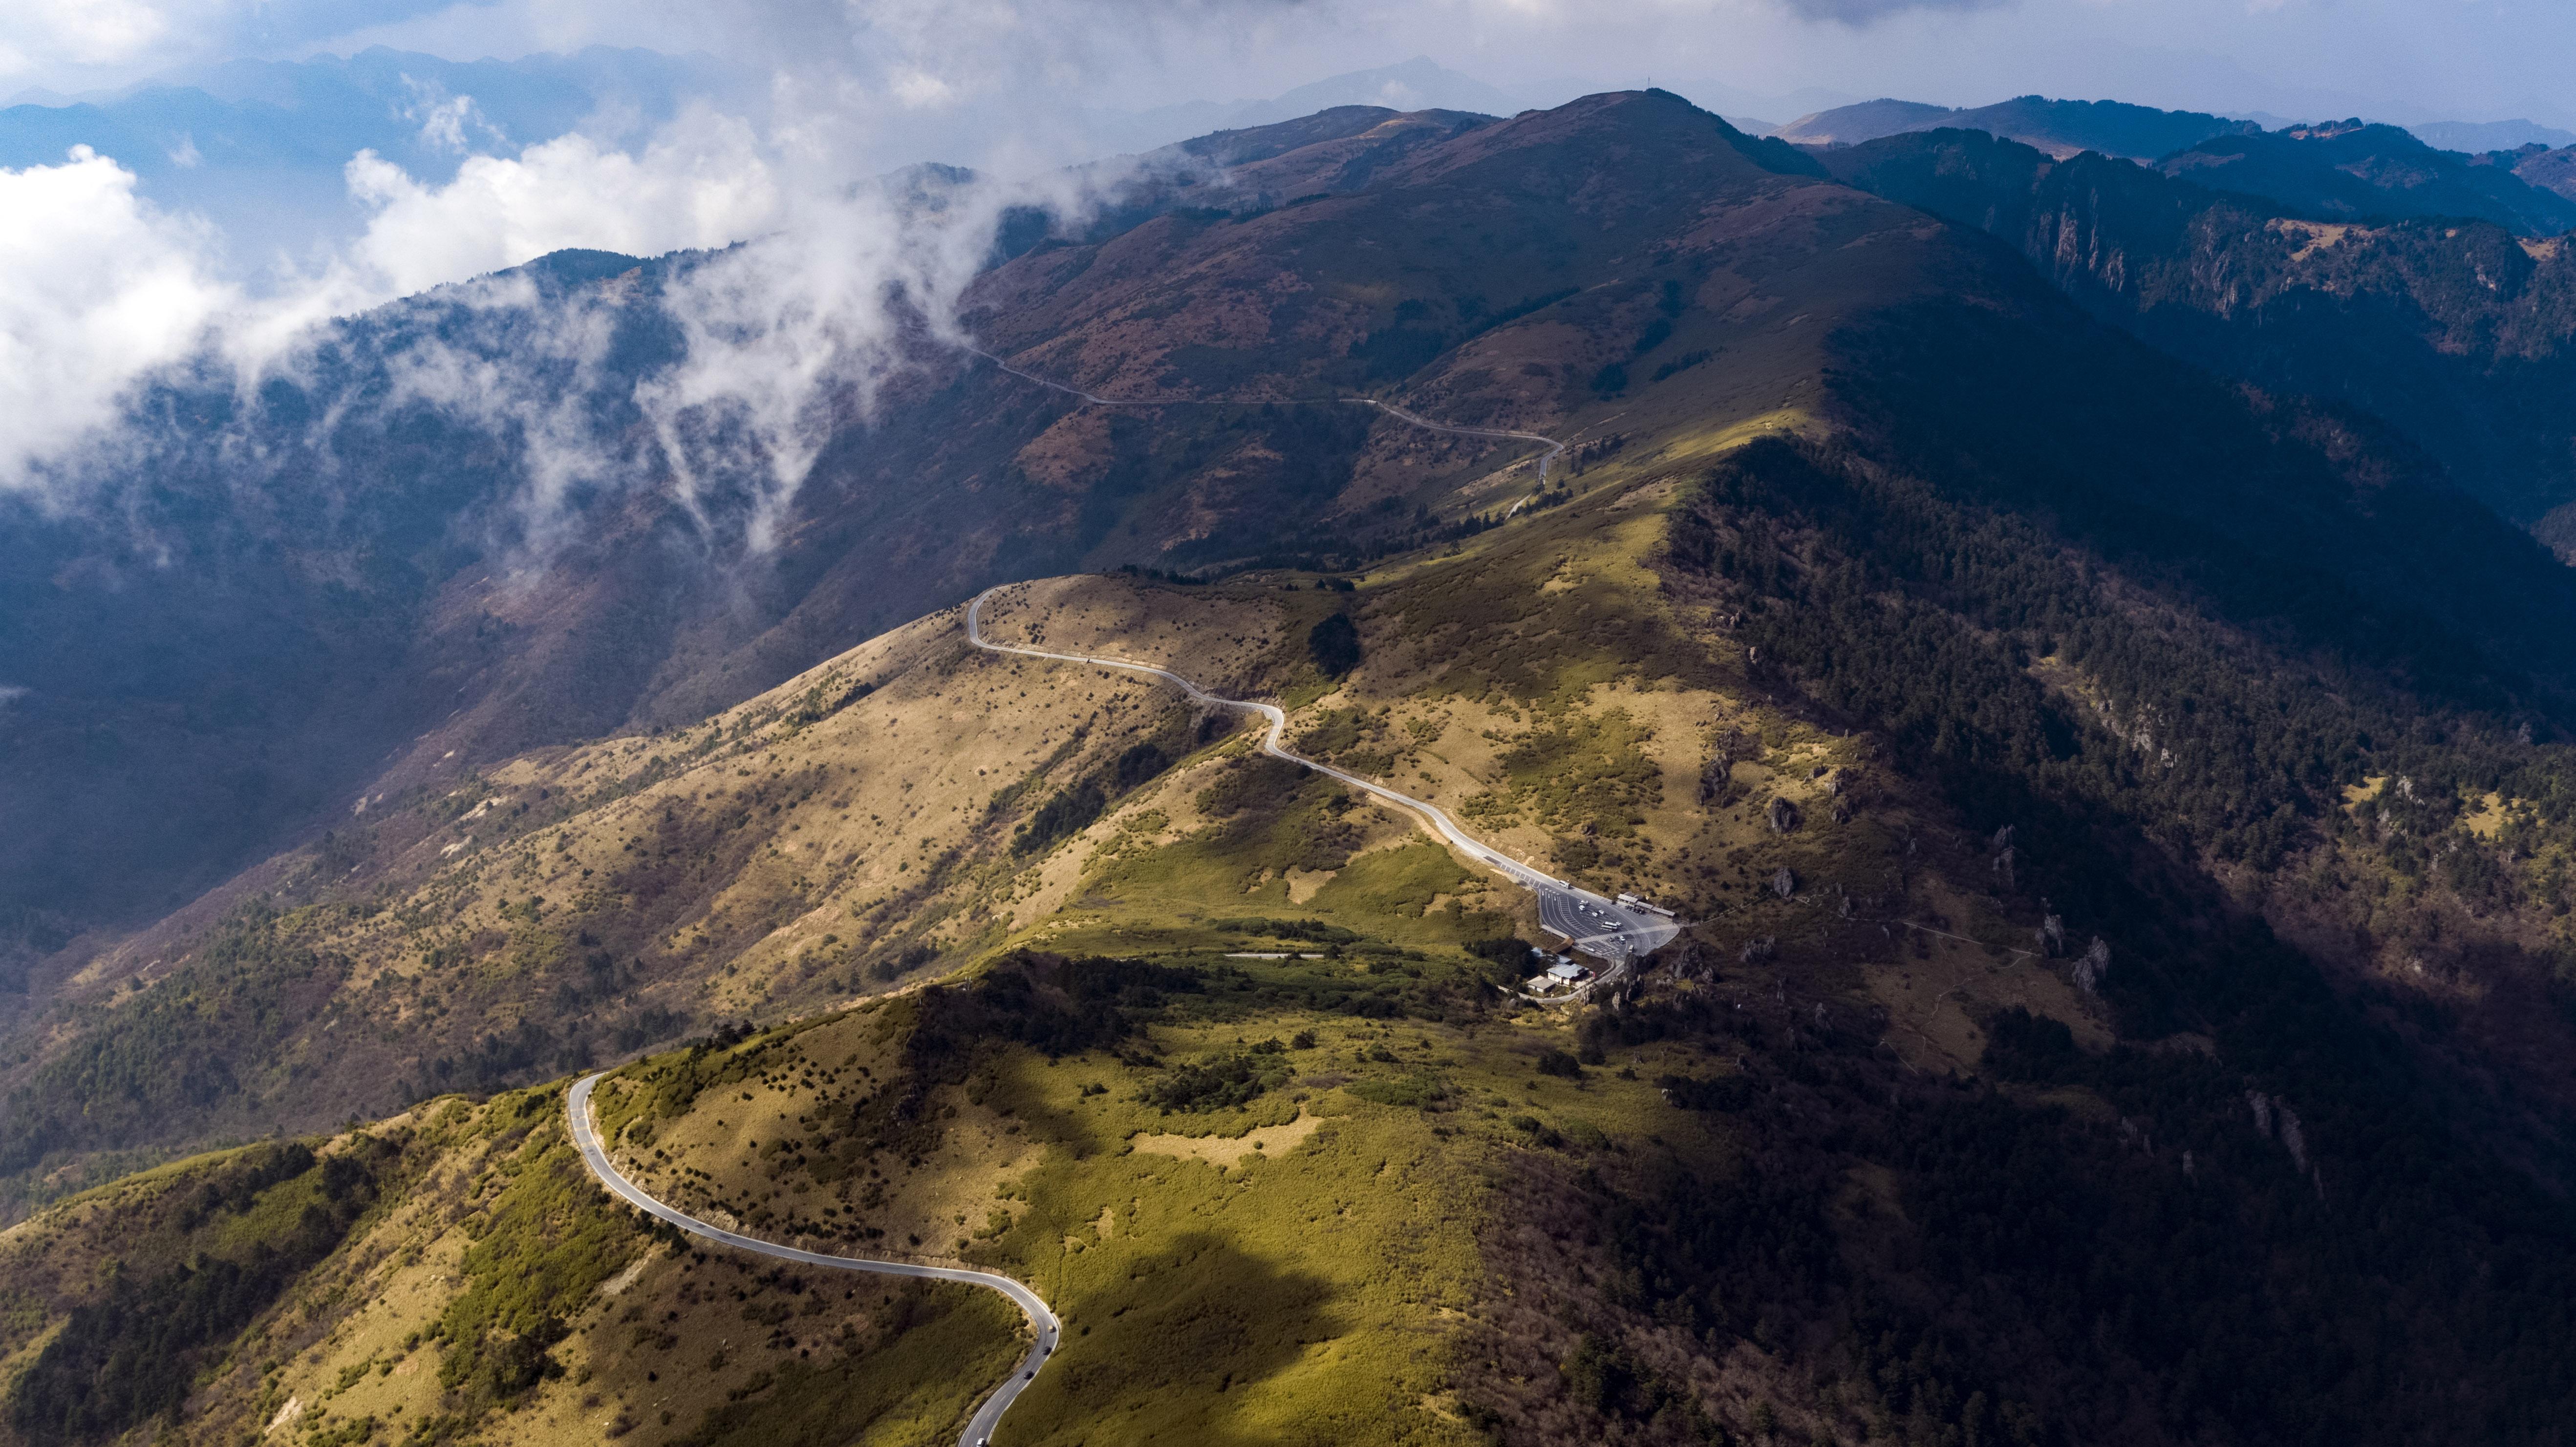 神农顶风景区是国家级自然保护区,总面积约883.